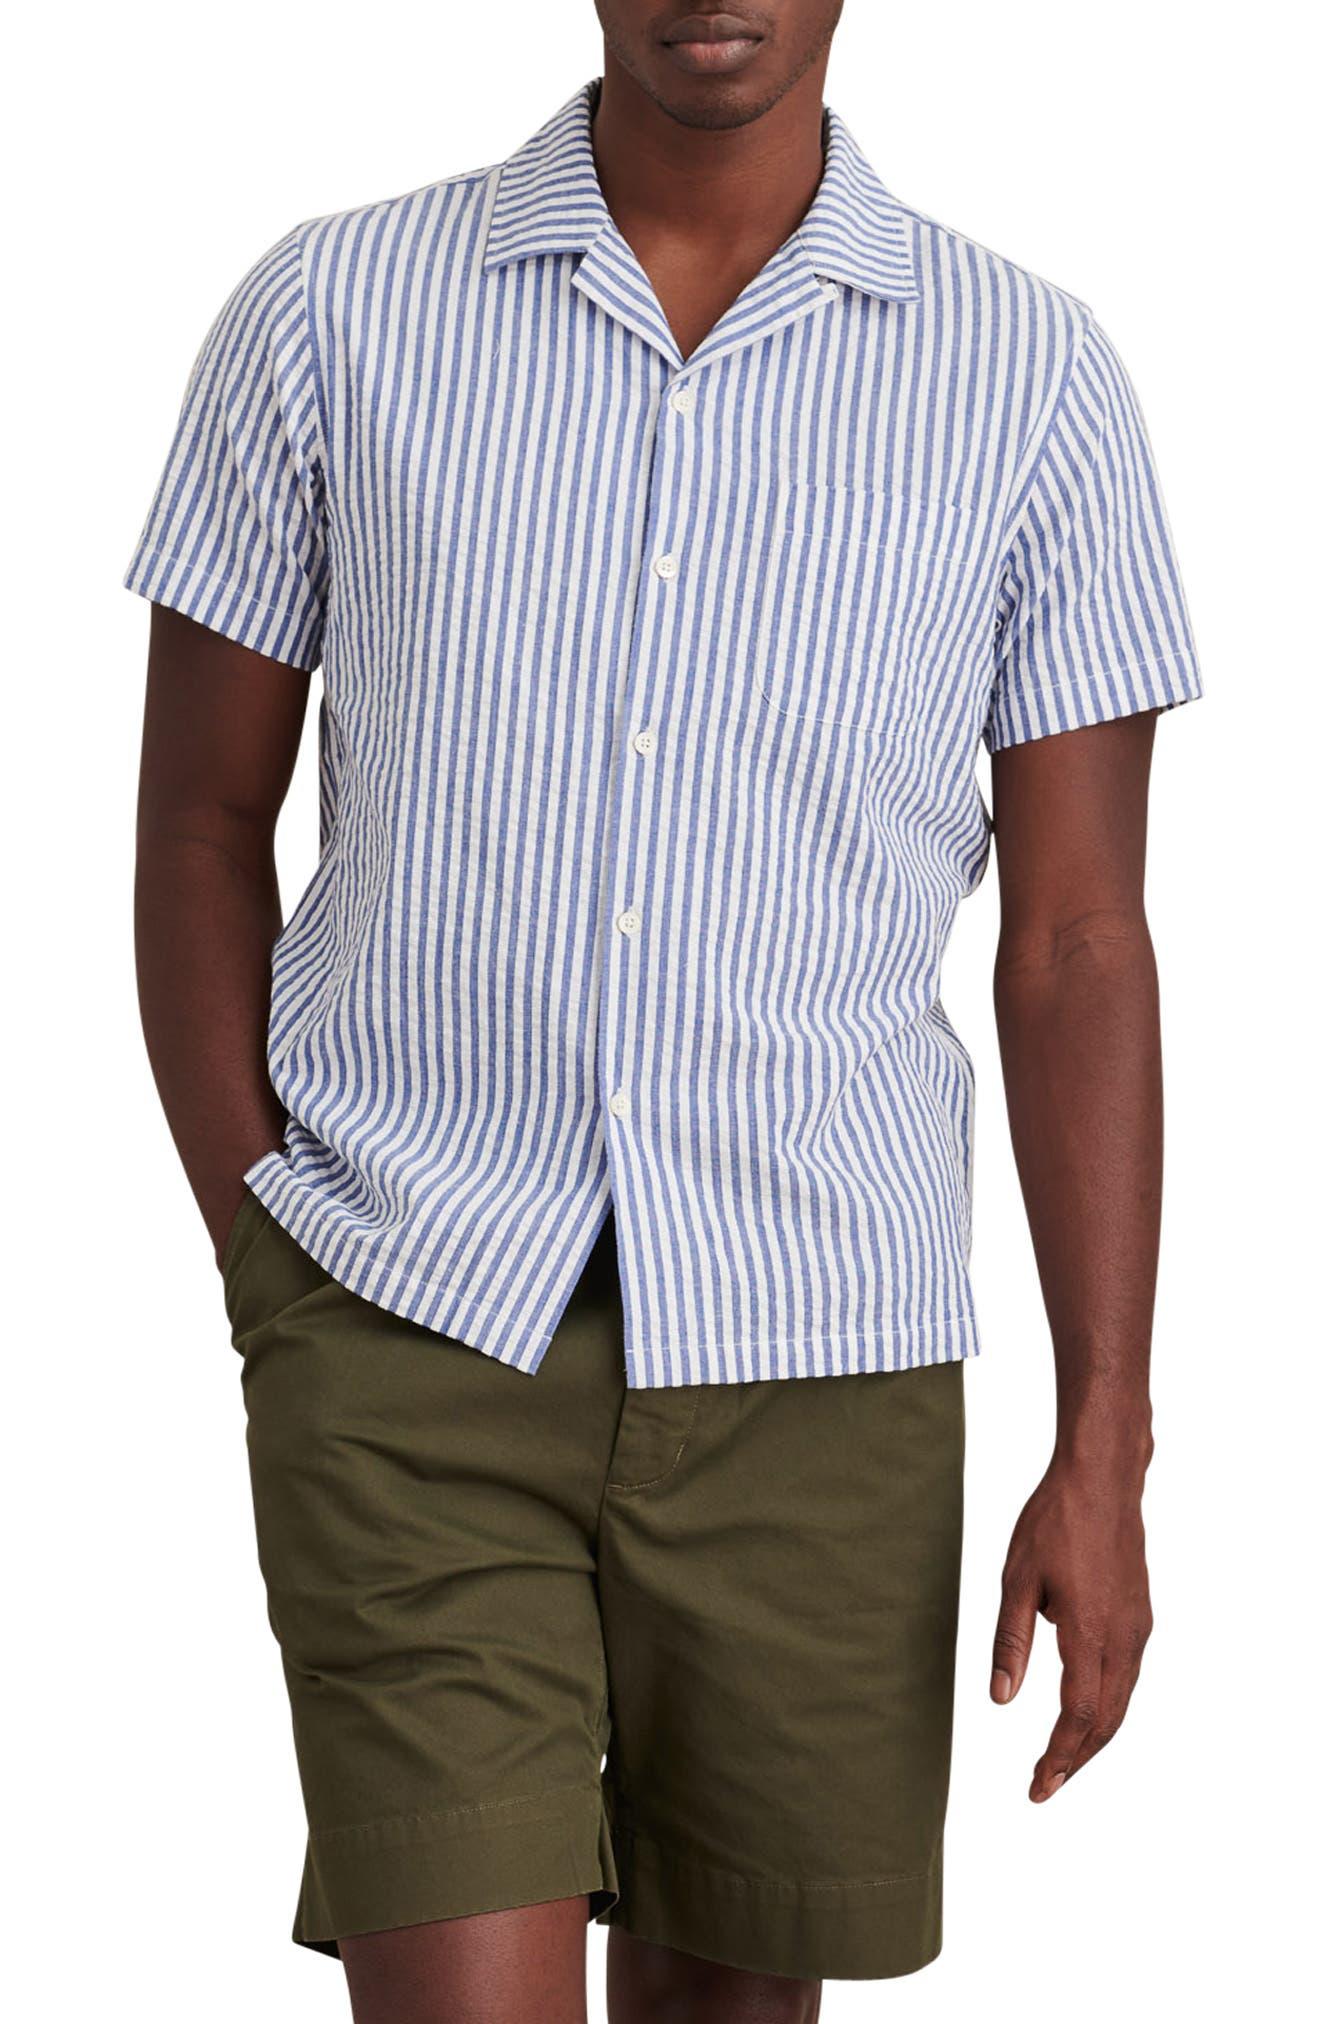 Stripe Short Sleeve Seersucker Button-Up Camp Shirt